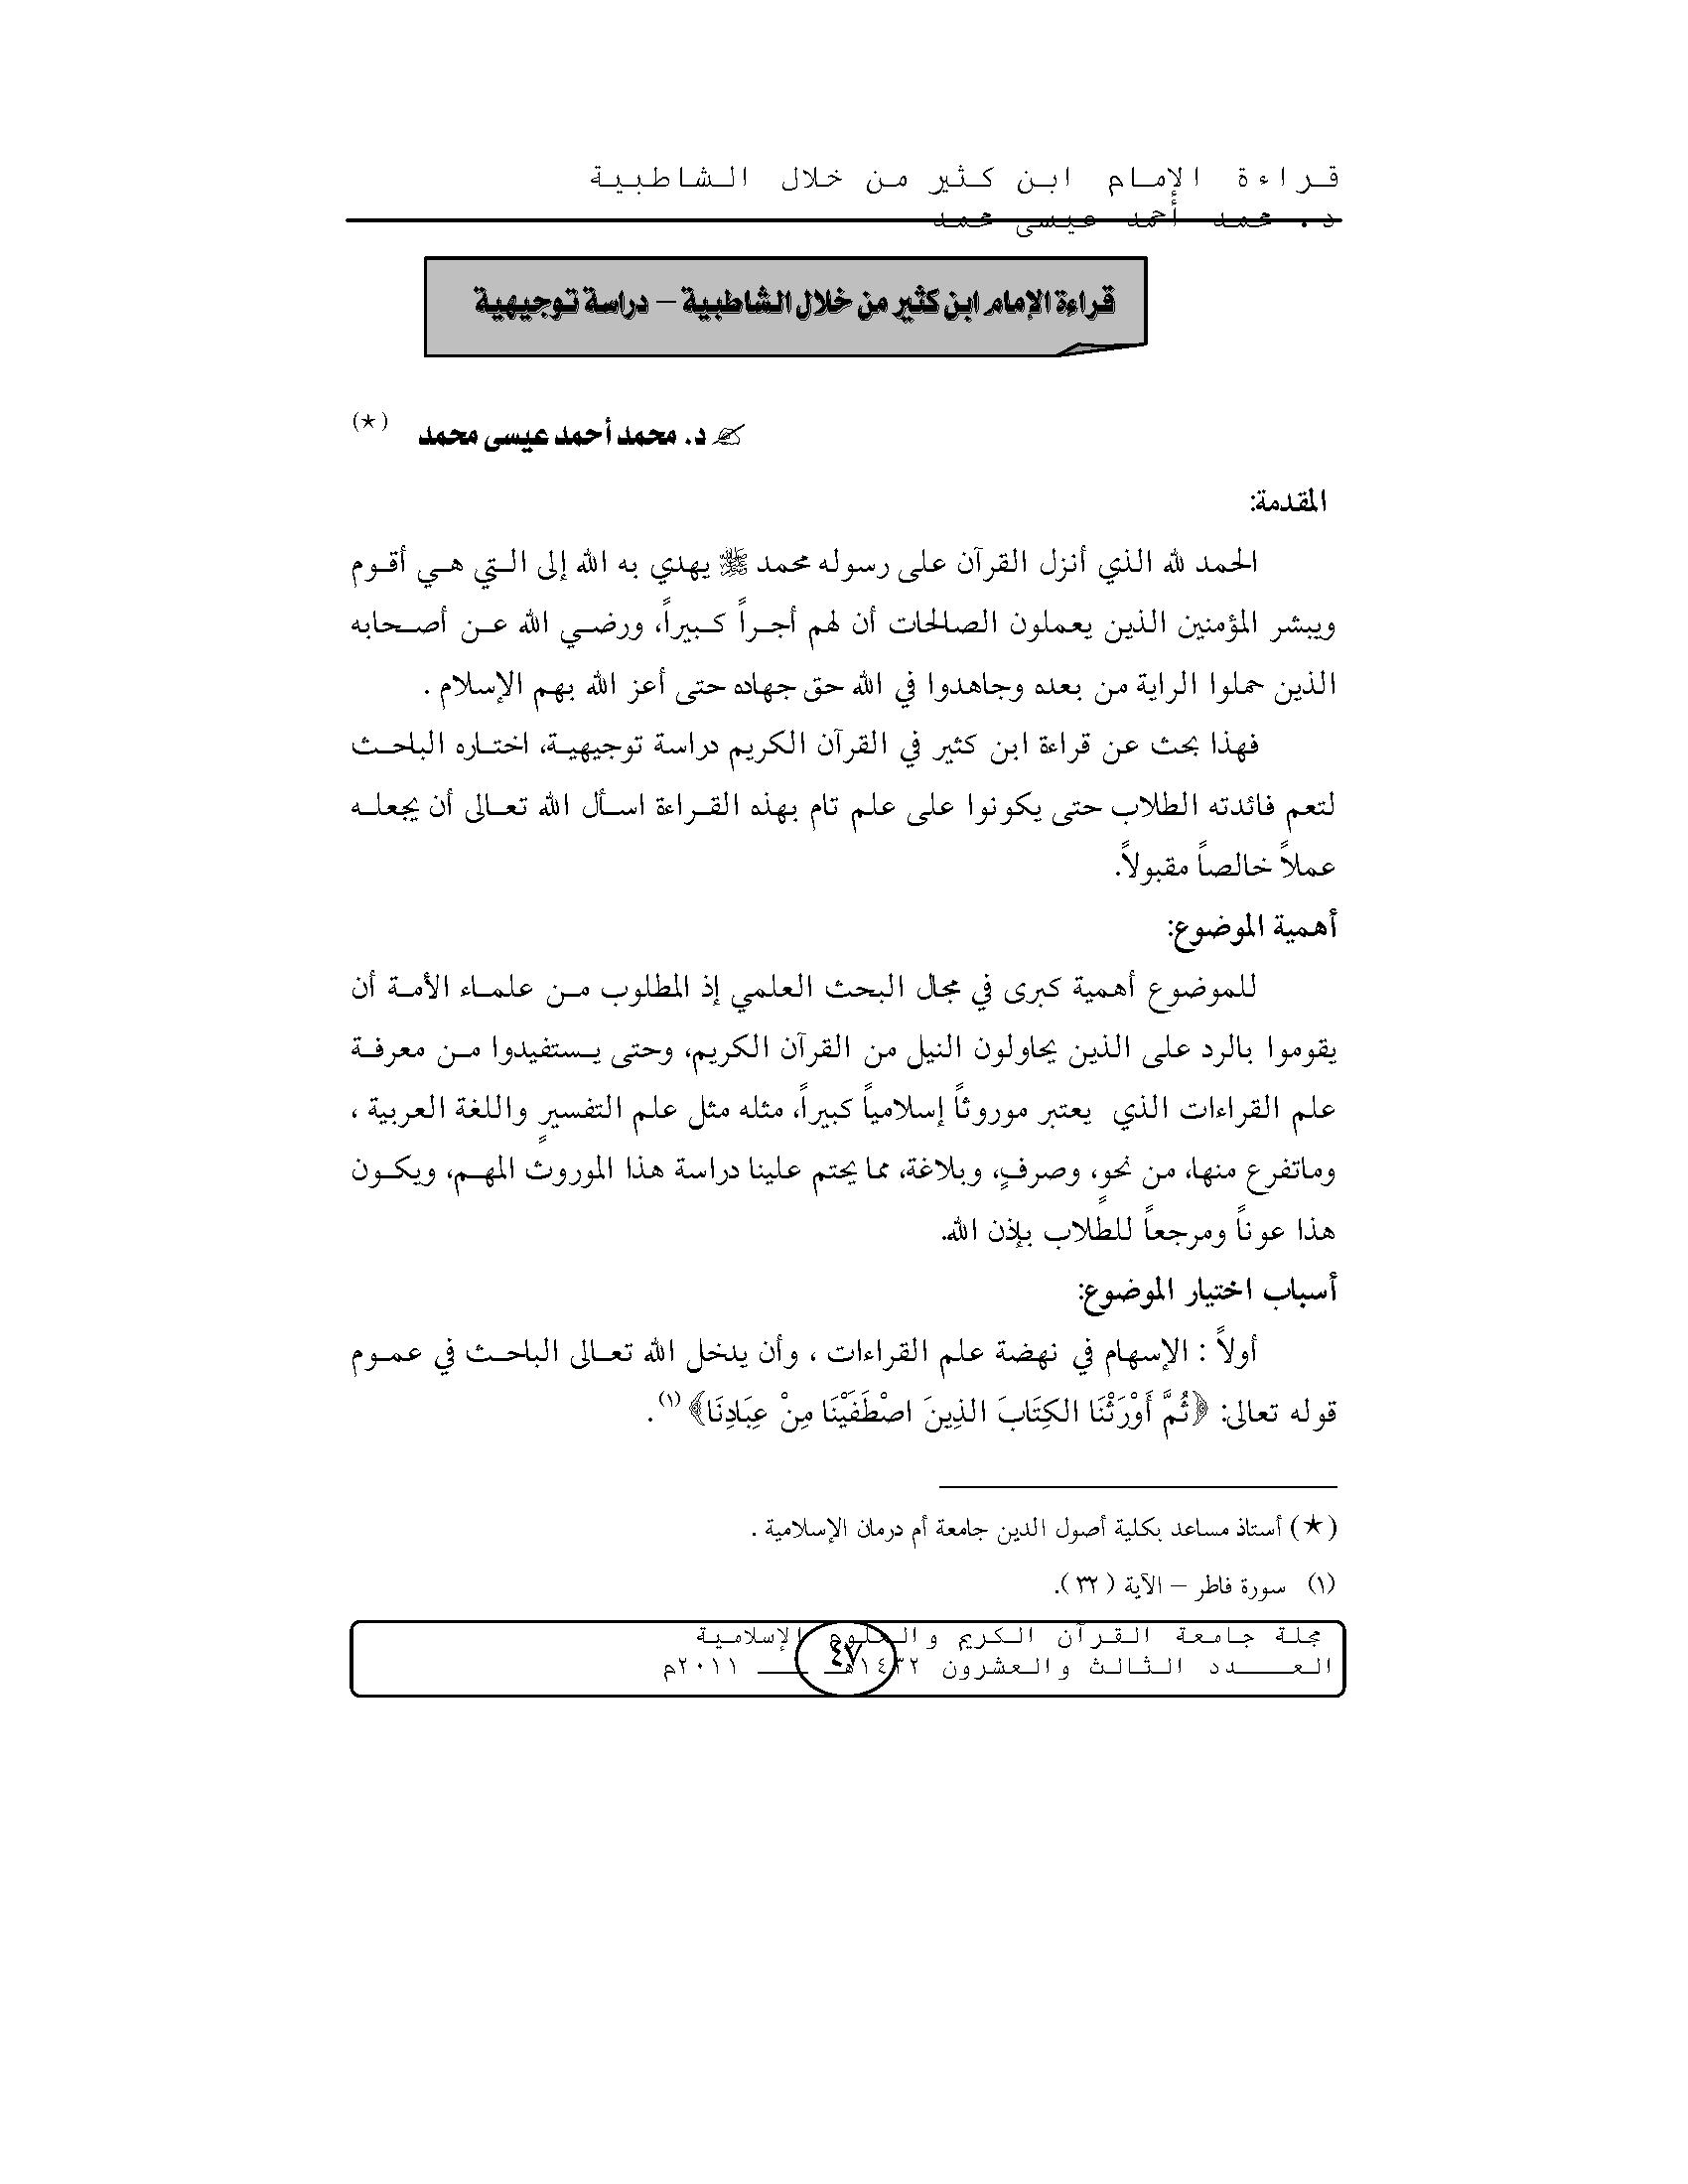 تحميل كتاب قراءة الإمام ابن كثير من خلال الشاطبية (دراسة توجيهية) لـِ: الدكتور محمد أحمد عيسى محمد